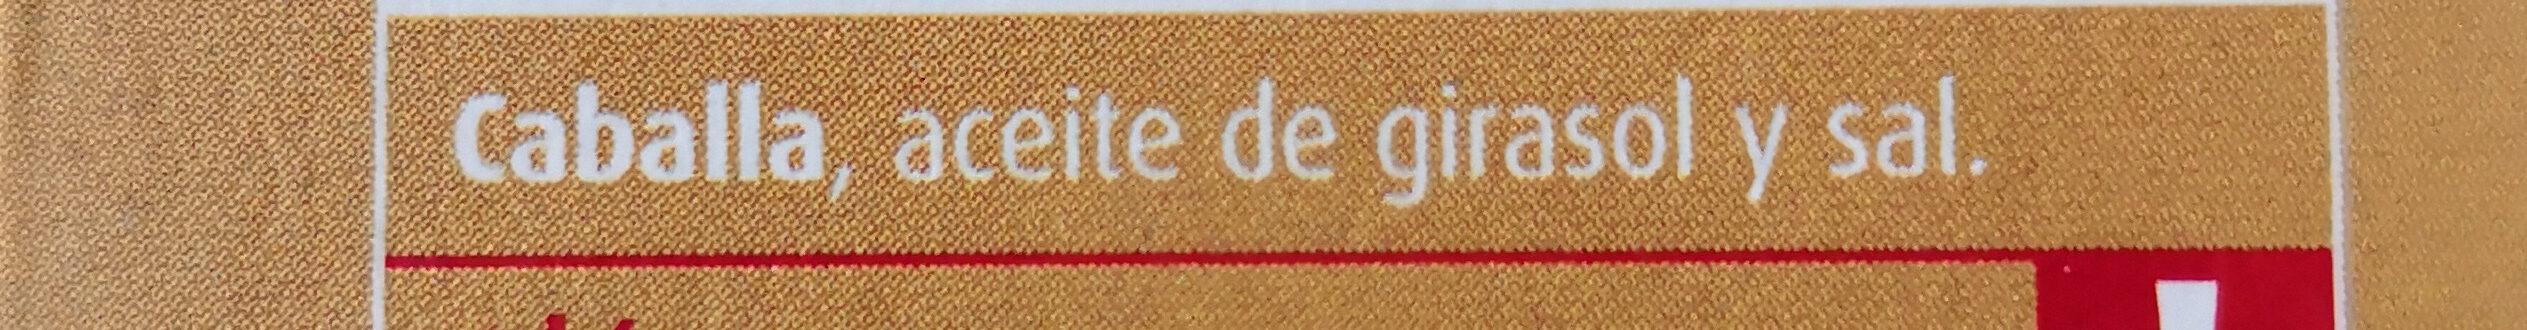 Caballa del Sur en Aceite de Girasol - Ingredientes - es